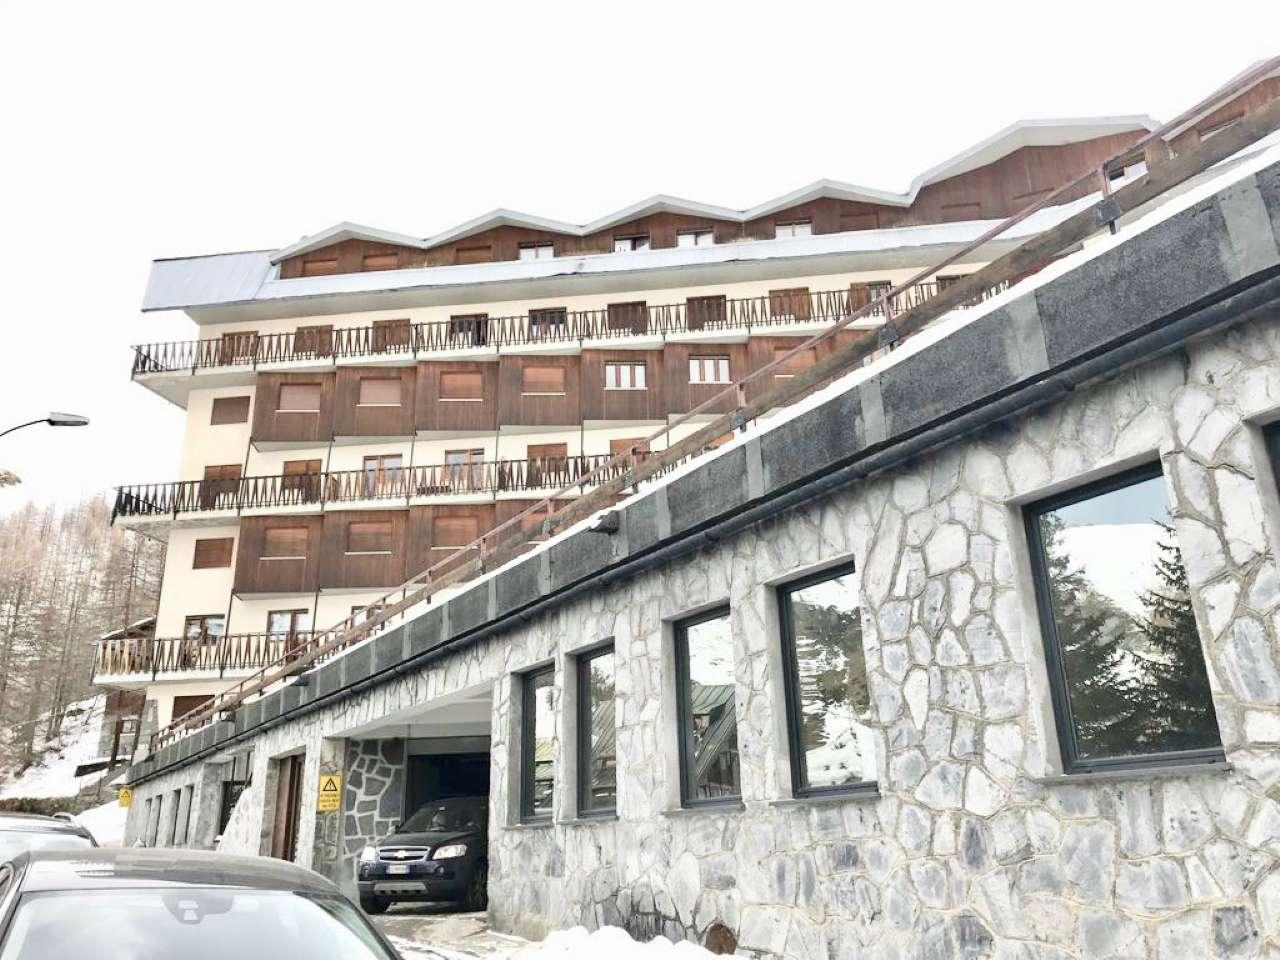 Appartamento in vendita a Valtournenche, 4 locali, prezzo € 385.000 | CambioCasa.it